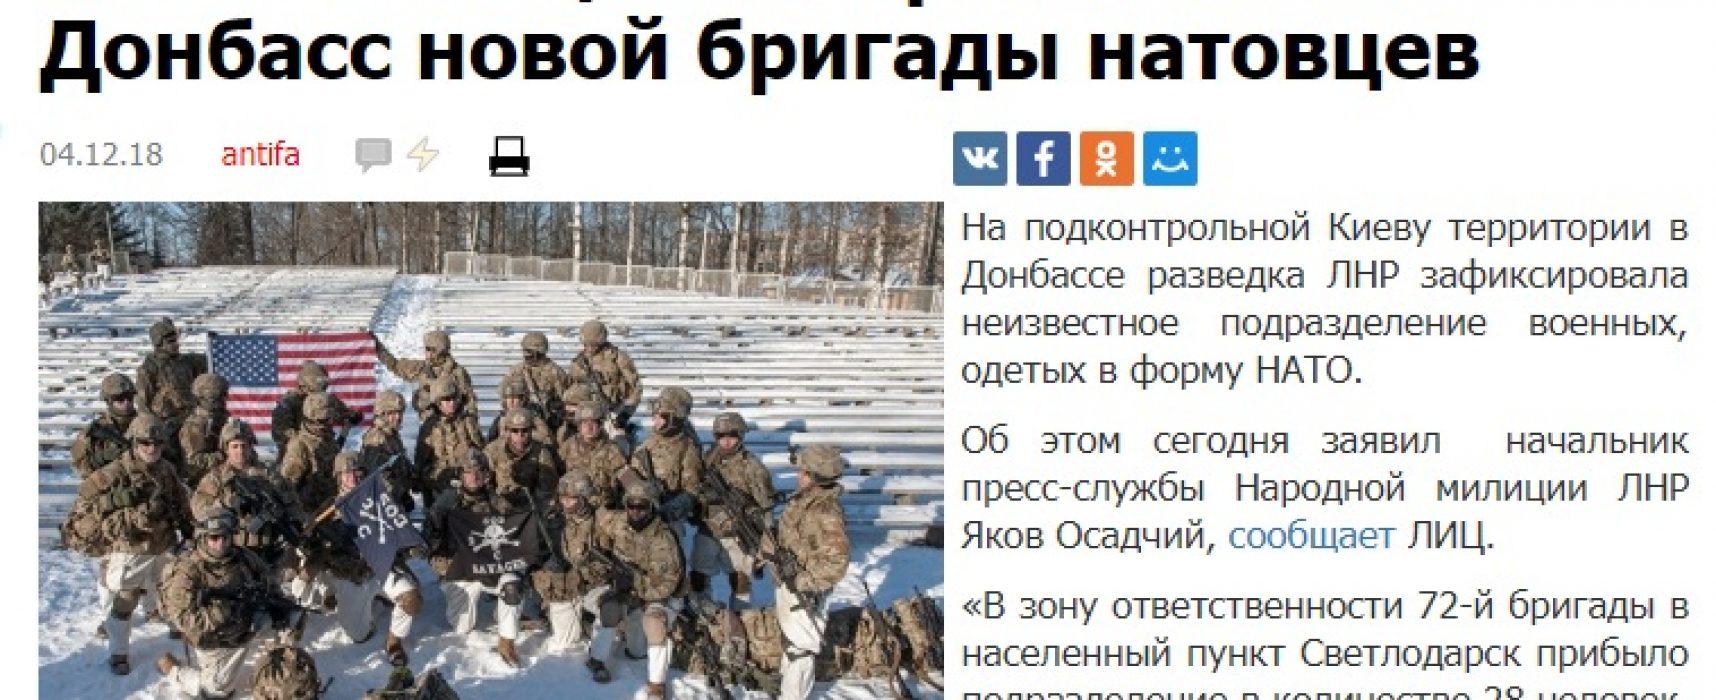 Фейк: Нова бригада бійців НАТО прибула на Донбас